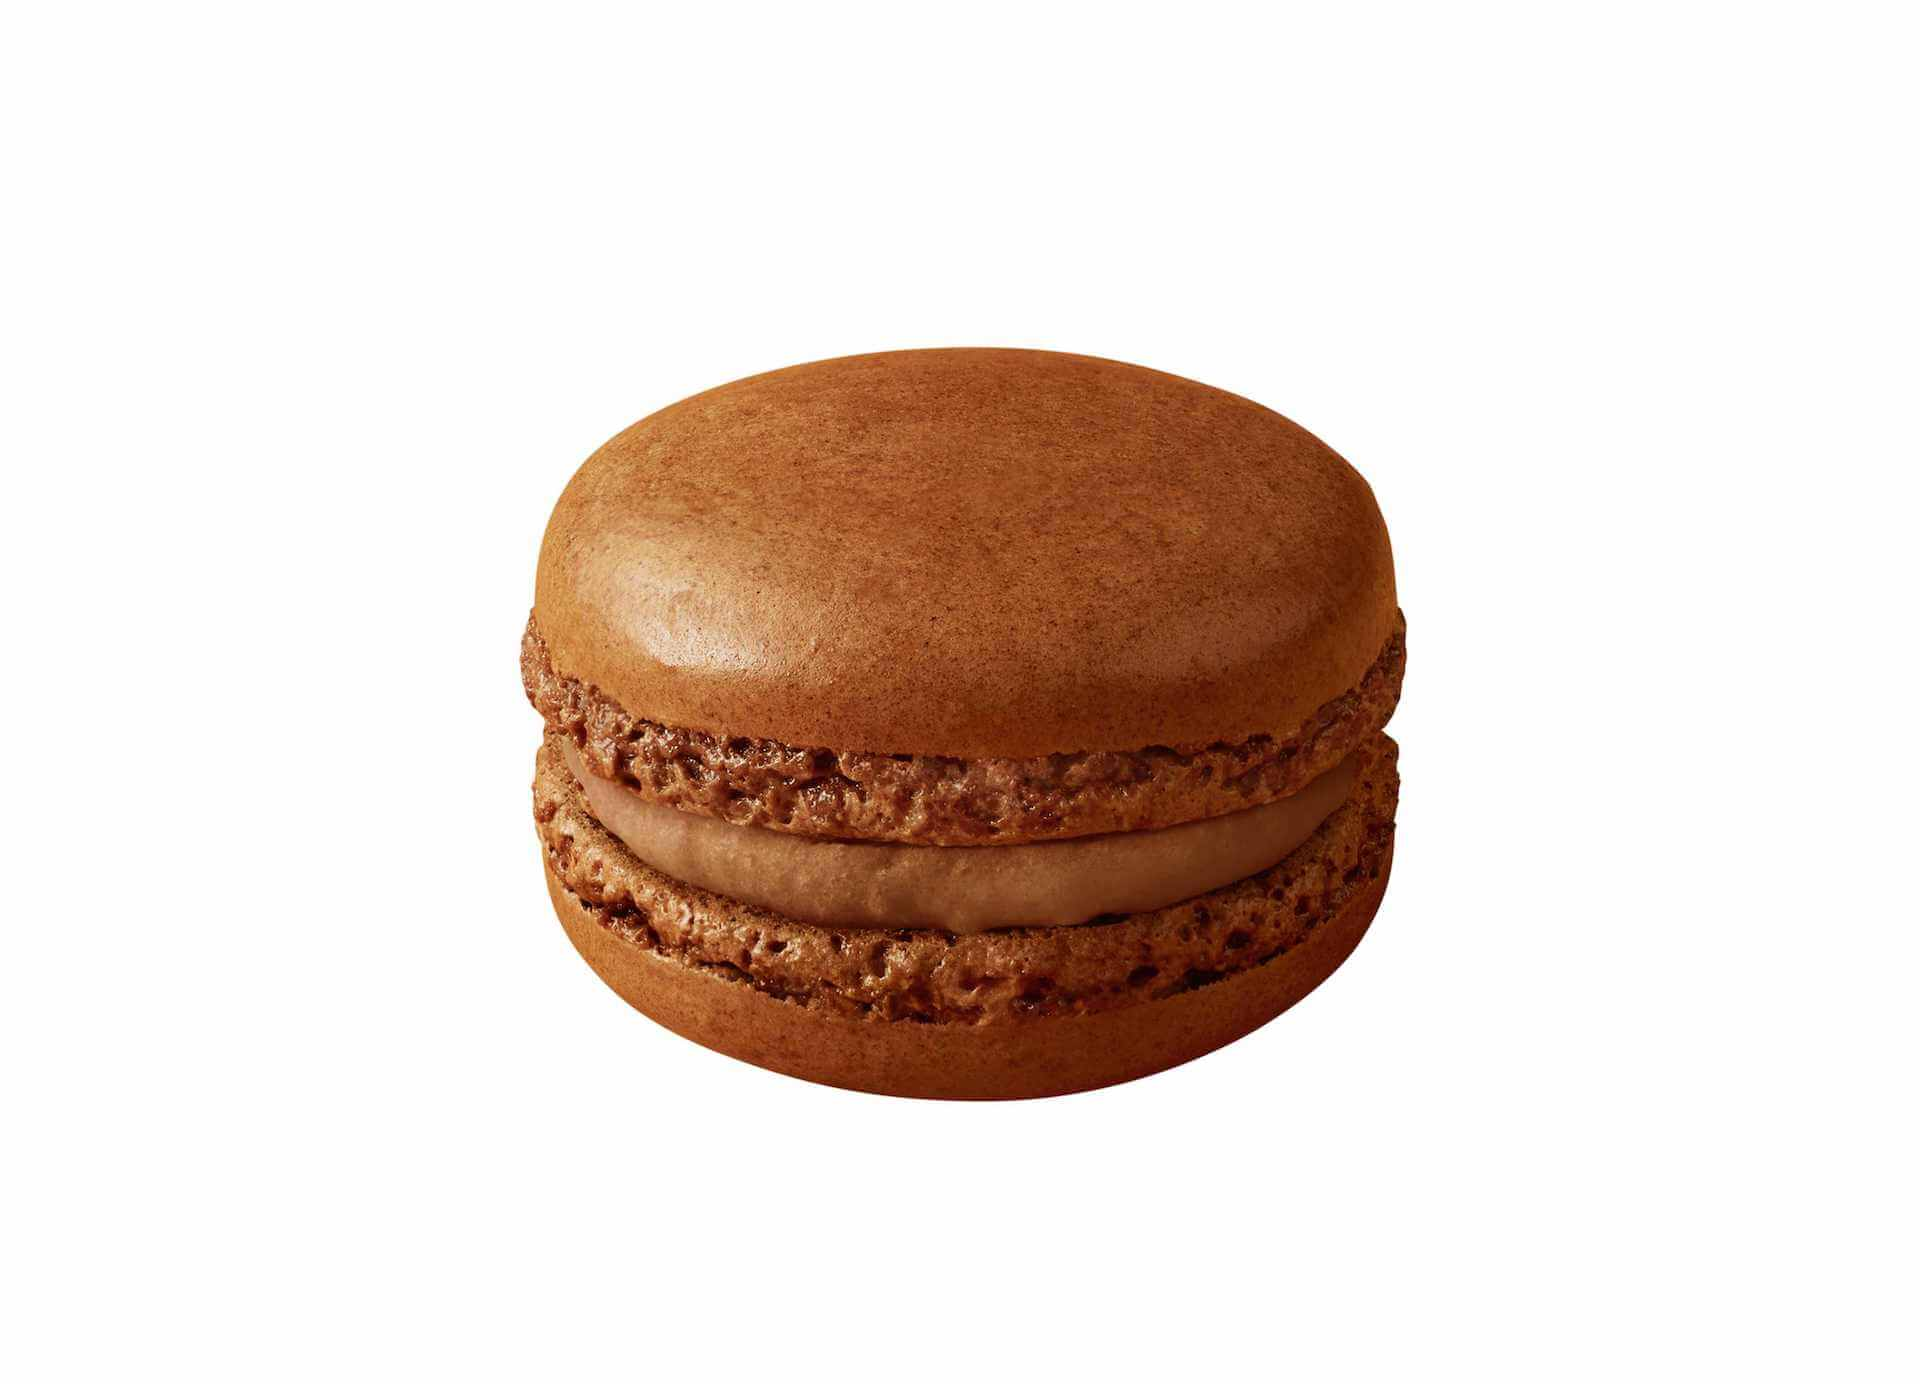 マクドナルド、新作メニュー「マカロン キャラメルシナモン」で寒い季節にほっと一息 gourmet191217-mccafe-macaroon-1